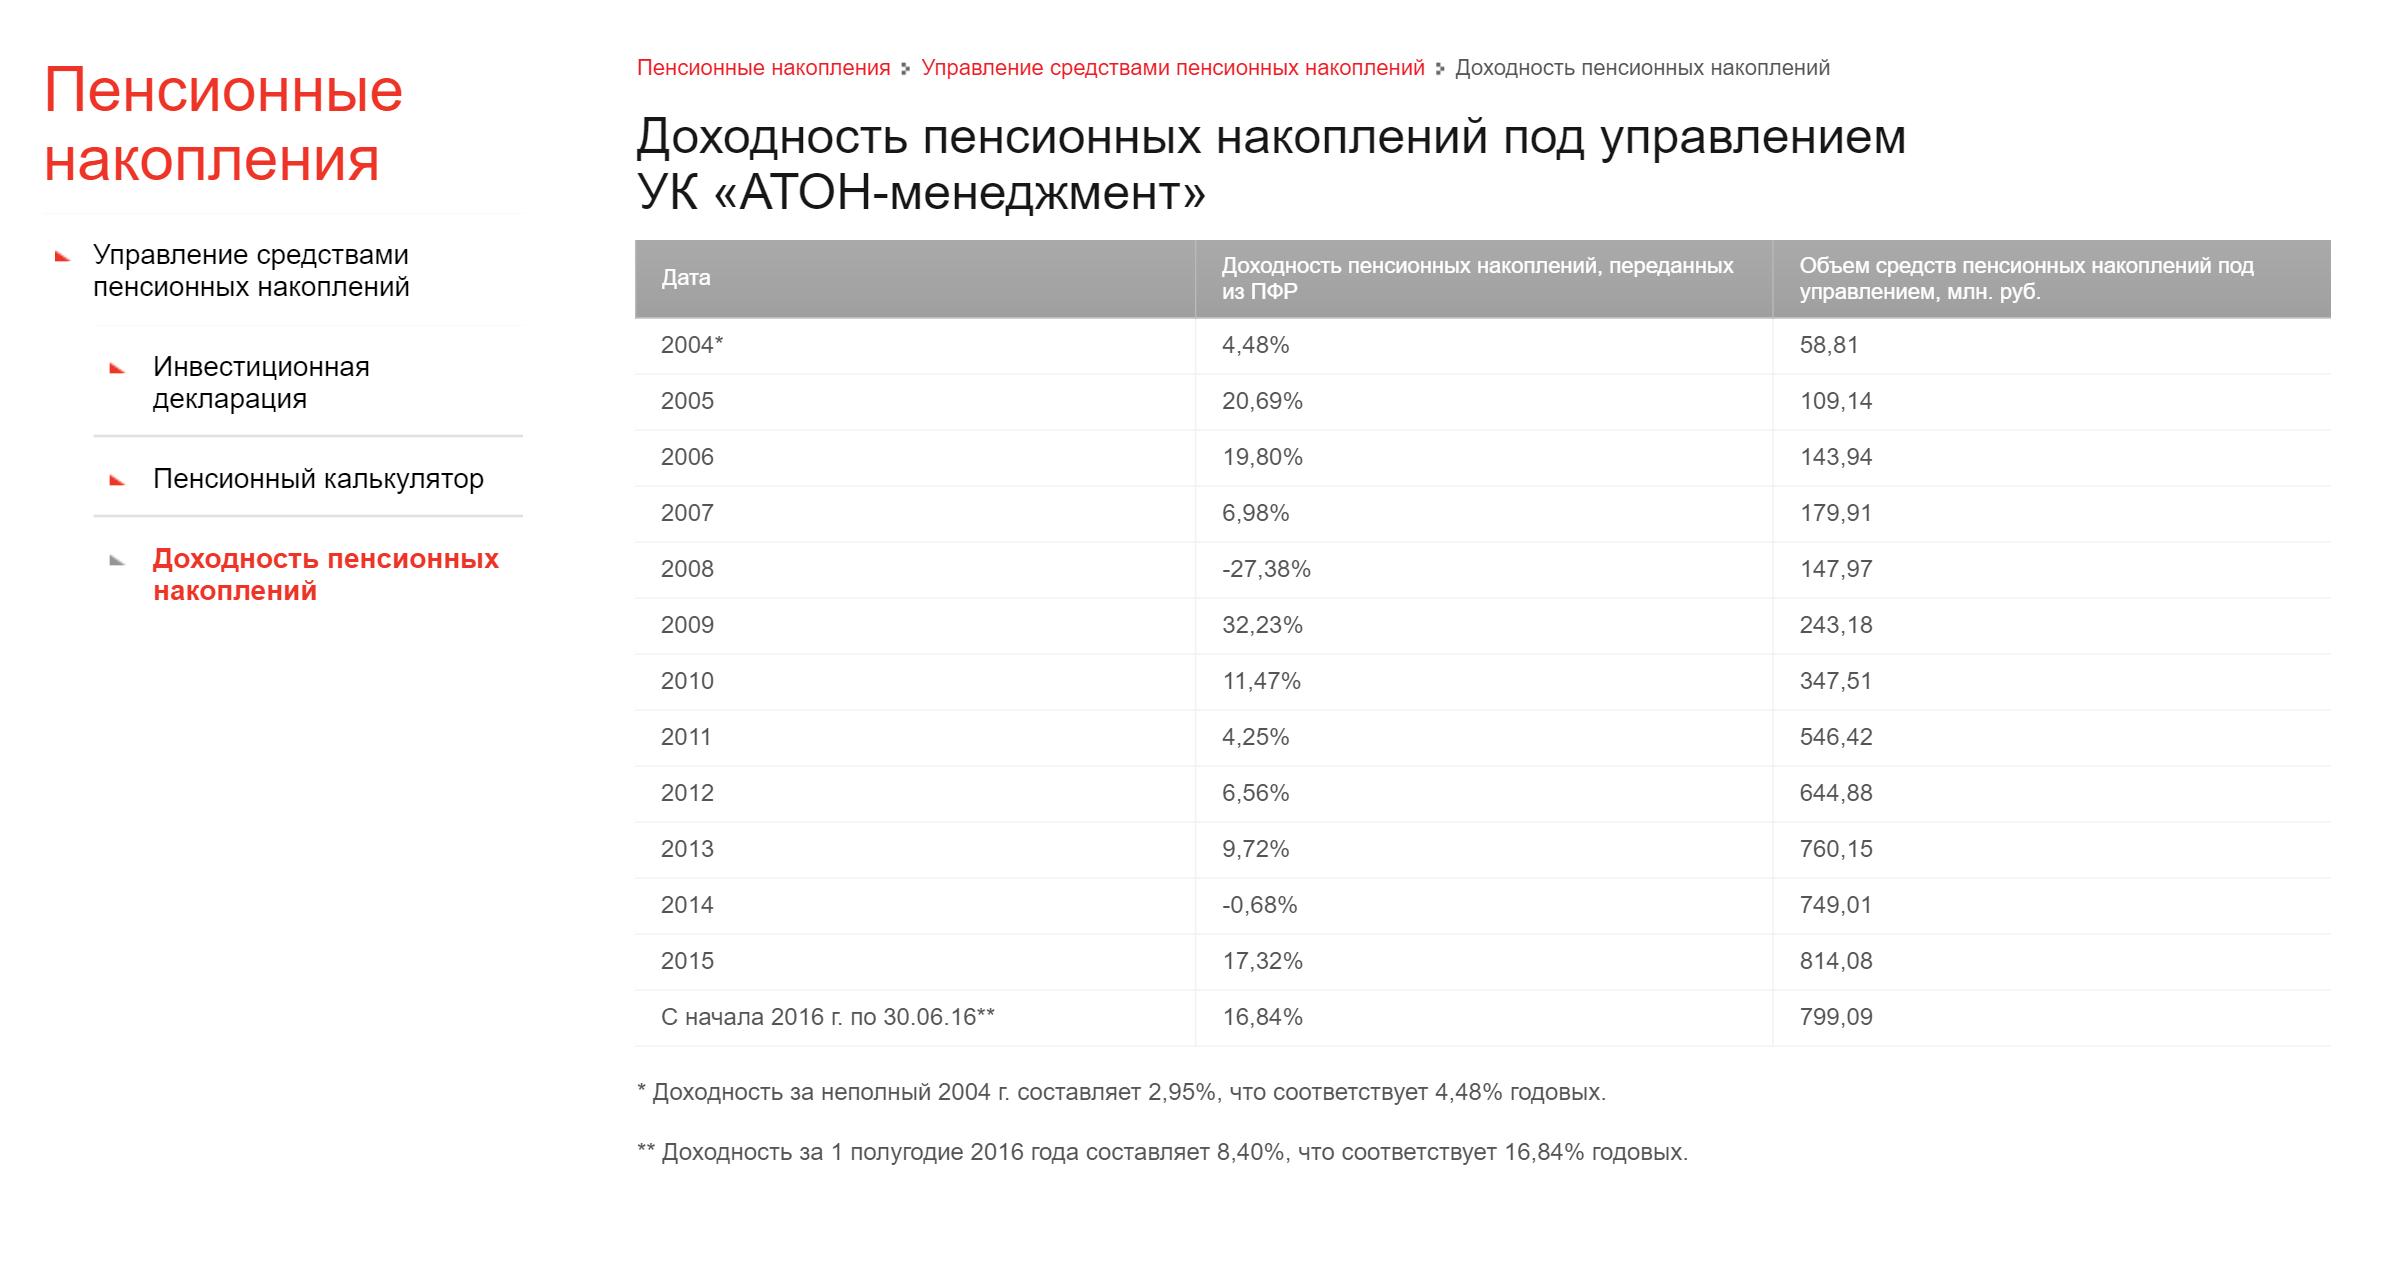 Здесь получше: УК выложила данные о доходности с 2004 года за каждыйгод, а не поквартально, как большинство остальных. Плюс сразу дали ссылку на инвестиционную декларацию